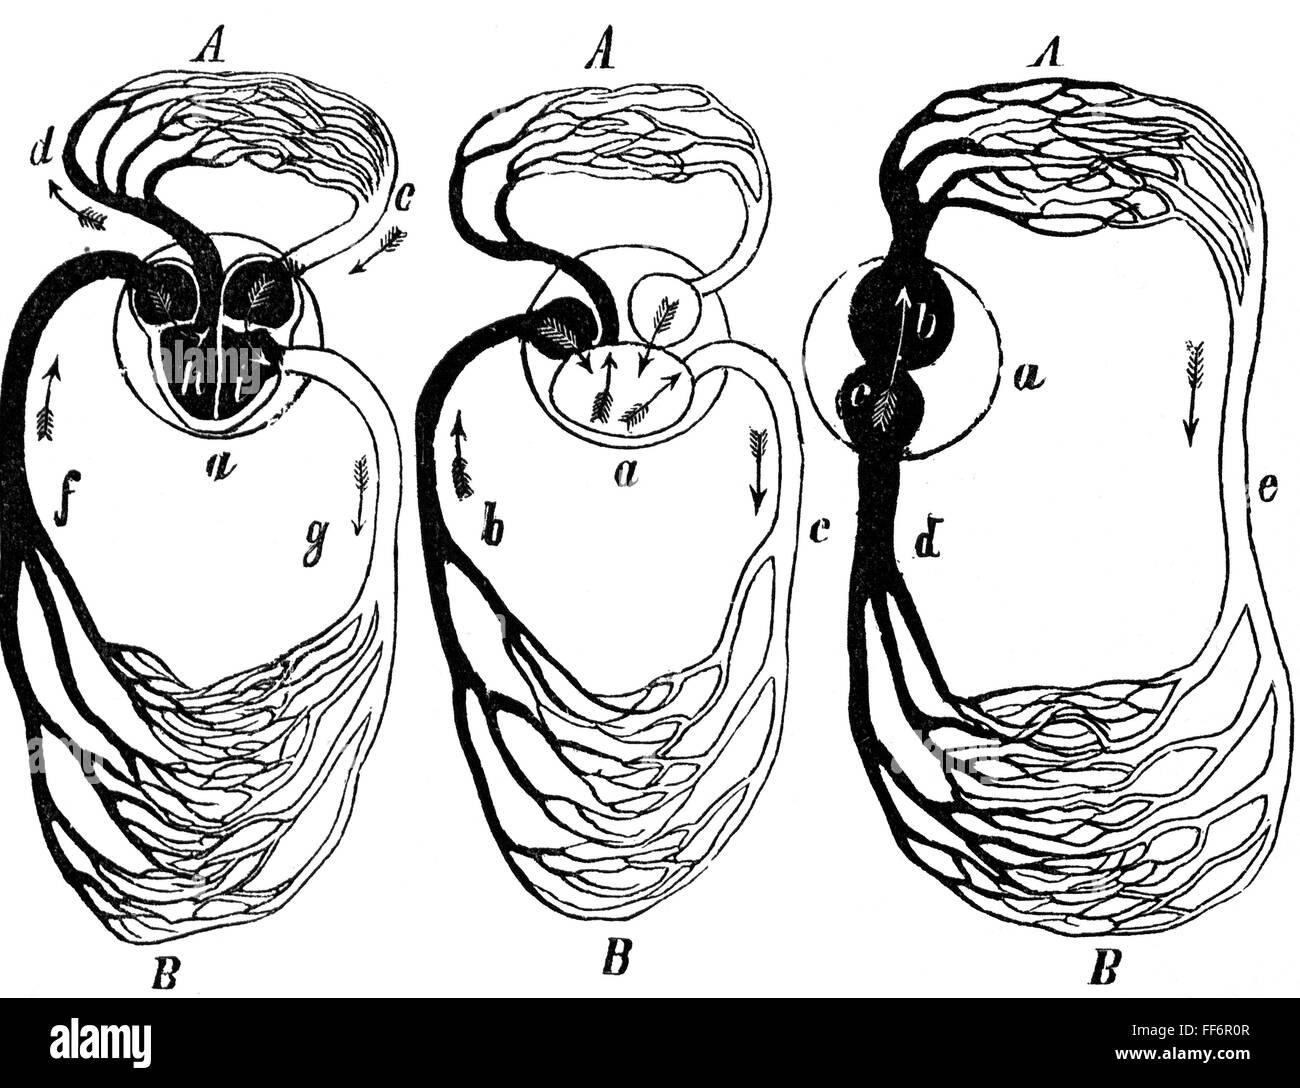 La medicina, la anatomía, la circulación de la sangre de mamíferos ...